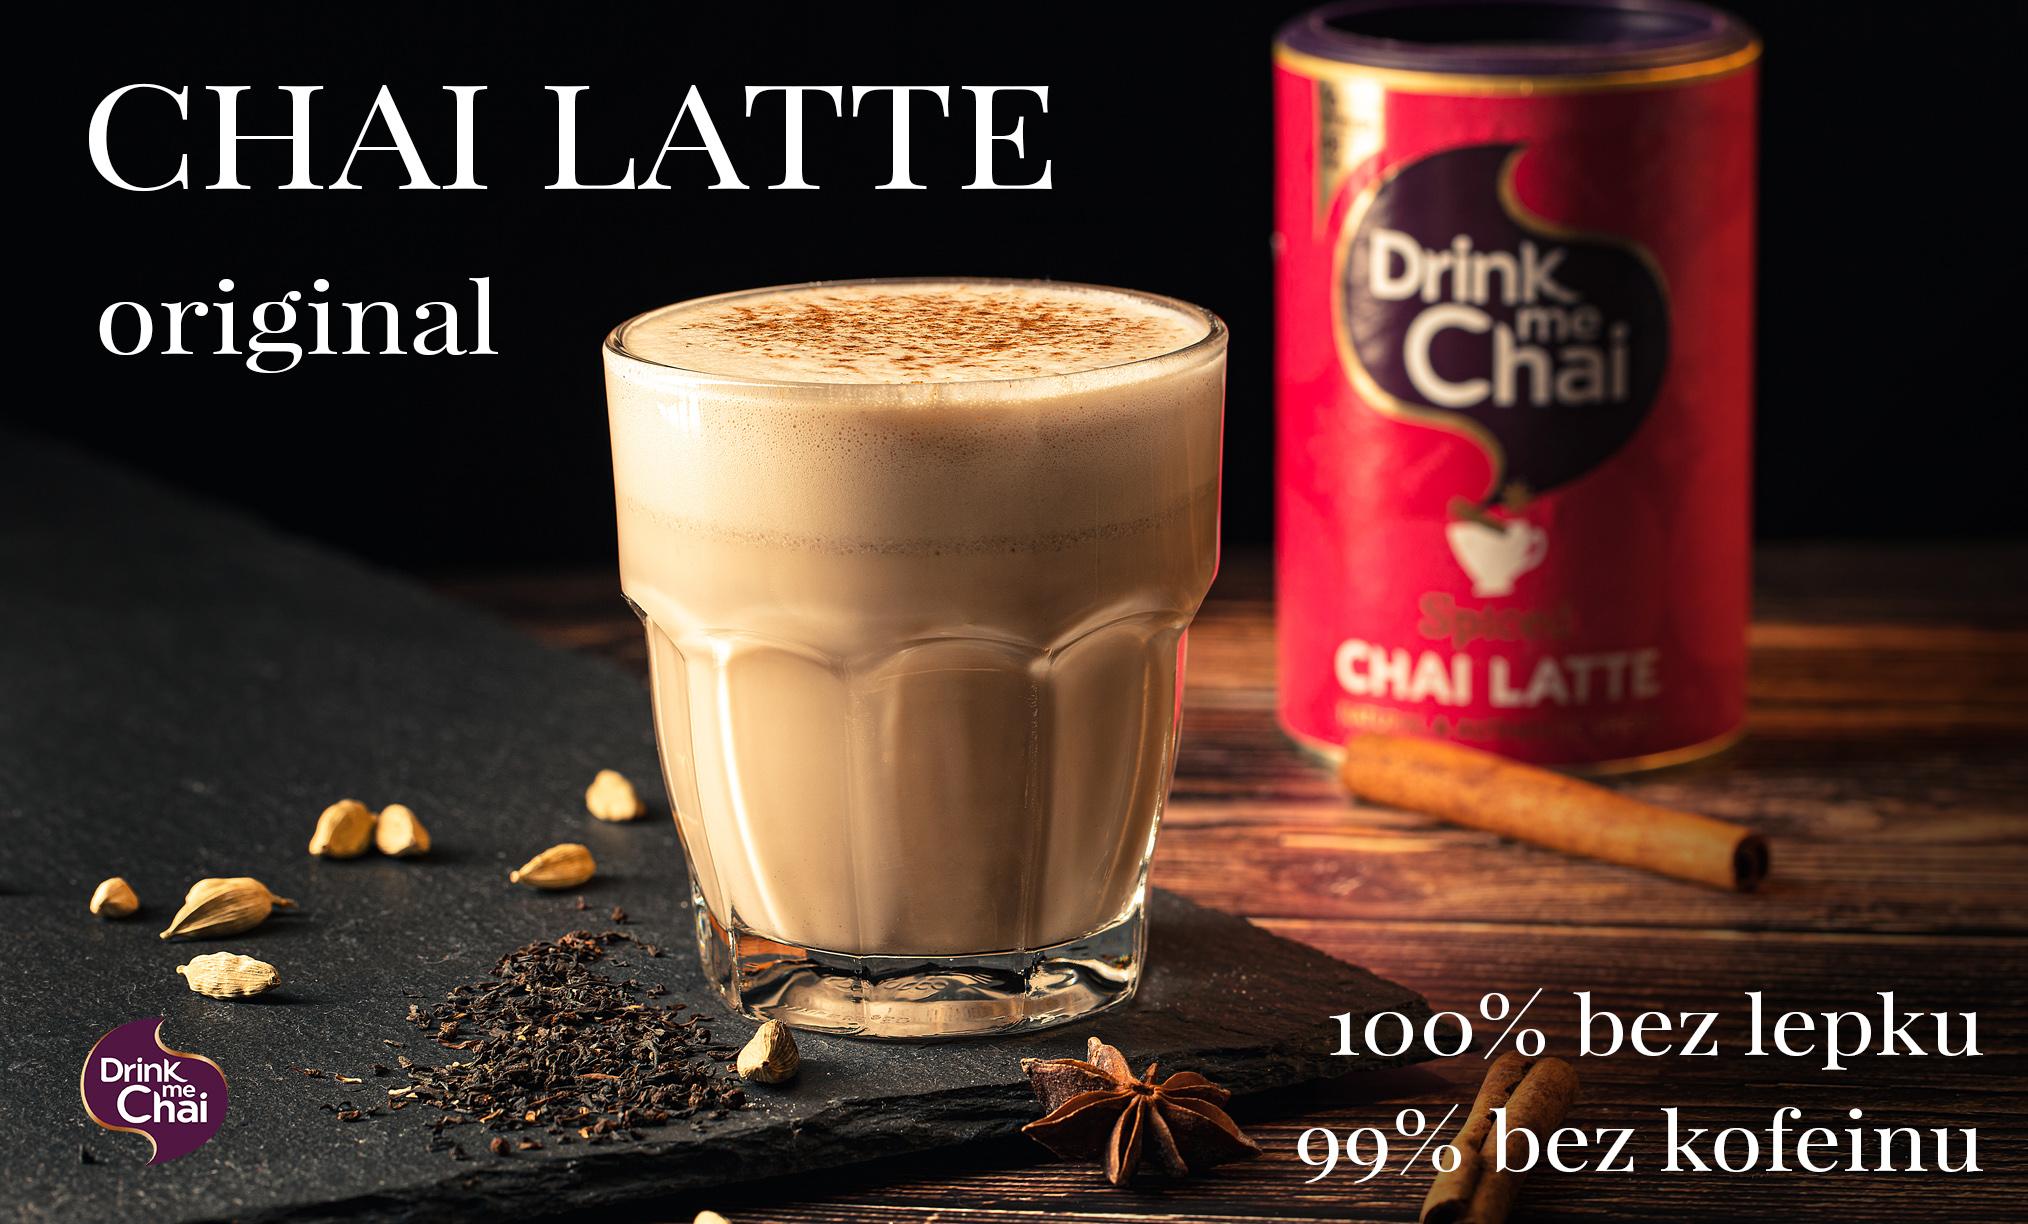 ChaiLatte 2019